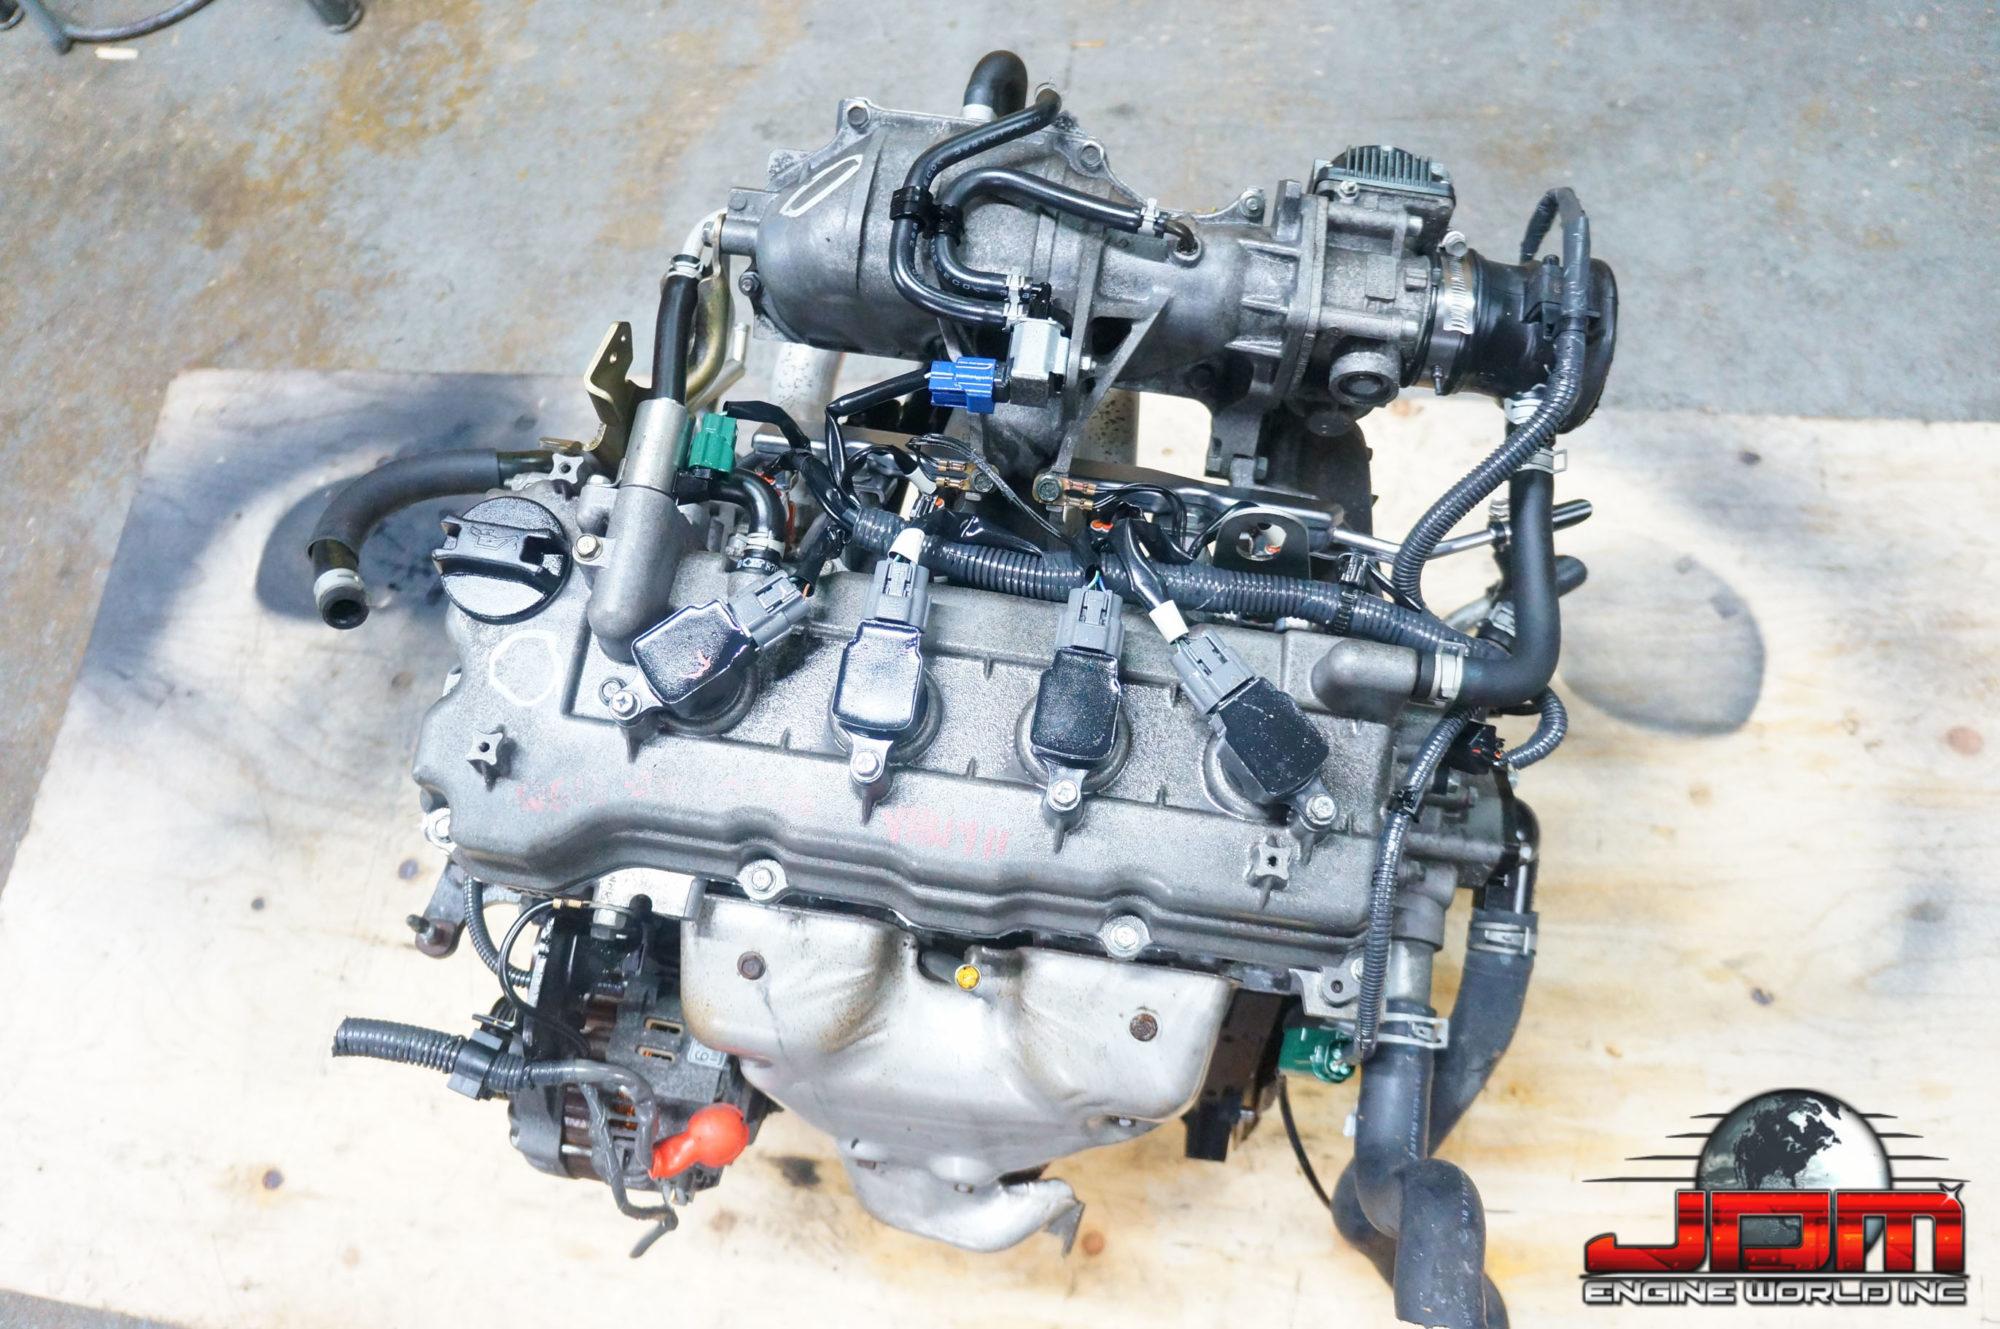 03 04 05 06 NISSAN SENTRA ENGINE QG18DE 1.8L TWIN CAM JDM QG18DE